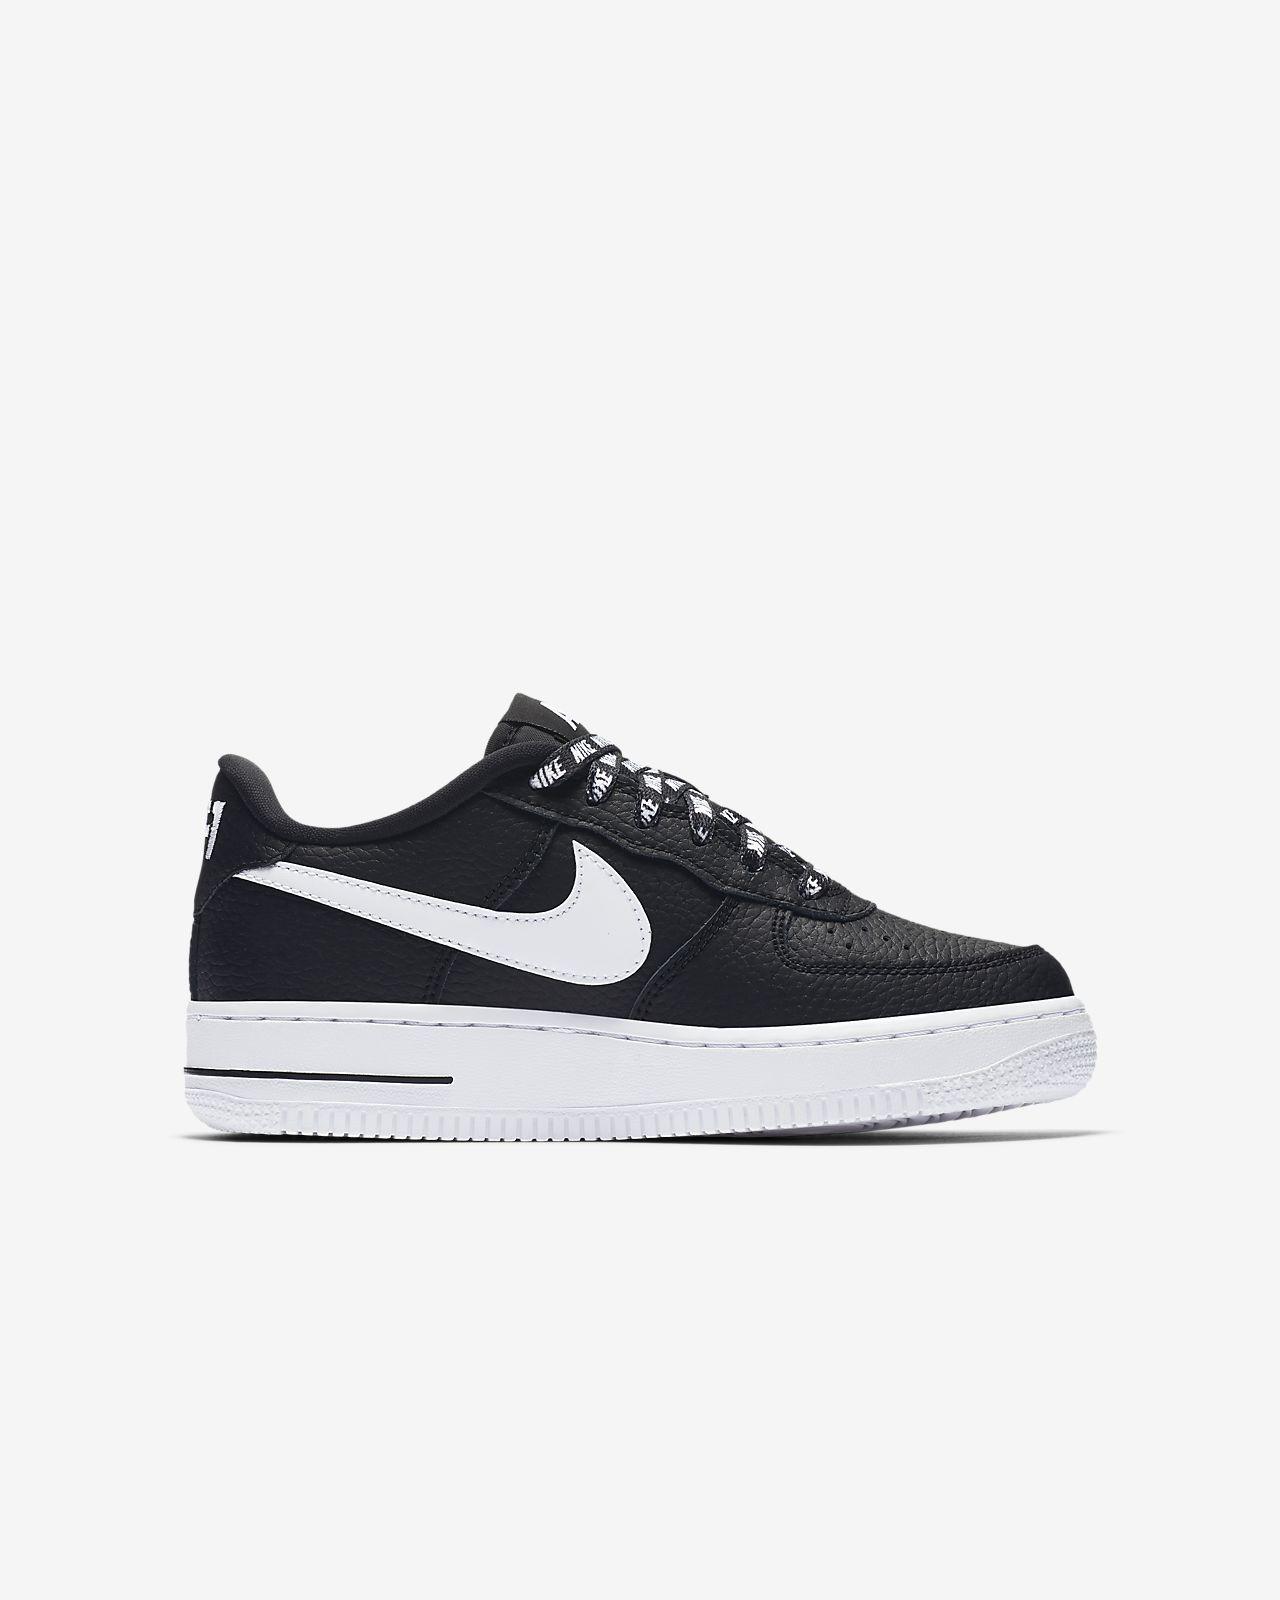 Chaussures D.A.T.E. 40 noires Casual  Marron (Mocha) YJO8P